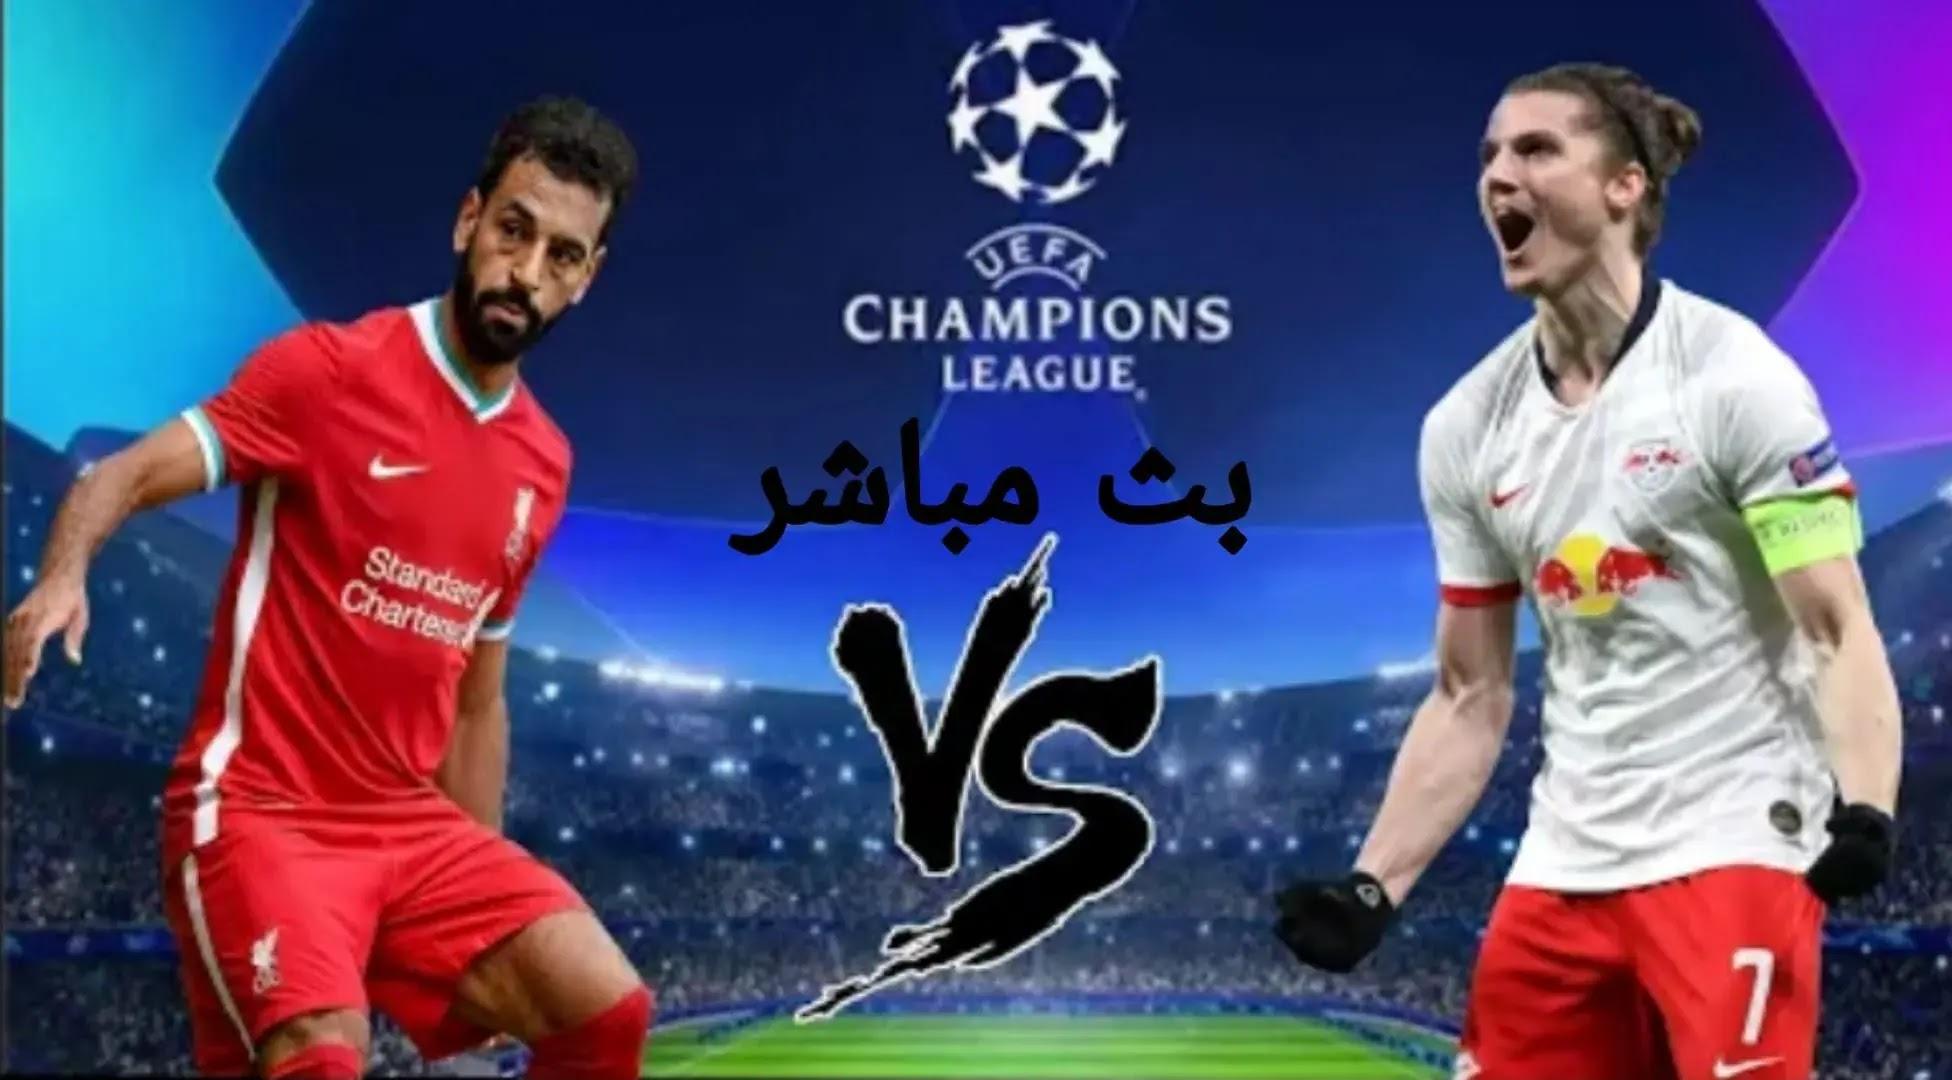 يلاشوت حصري الجديد HD | مشاهدة مباراة ليفربول و لايبزيج بث مباشر اليوم الثلاثاء 16-02-2021، في دورى ابطال أوروبا لايف بجودة عالية